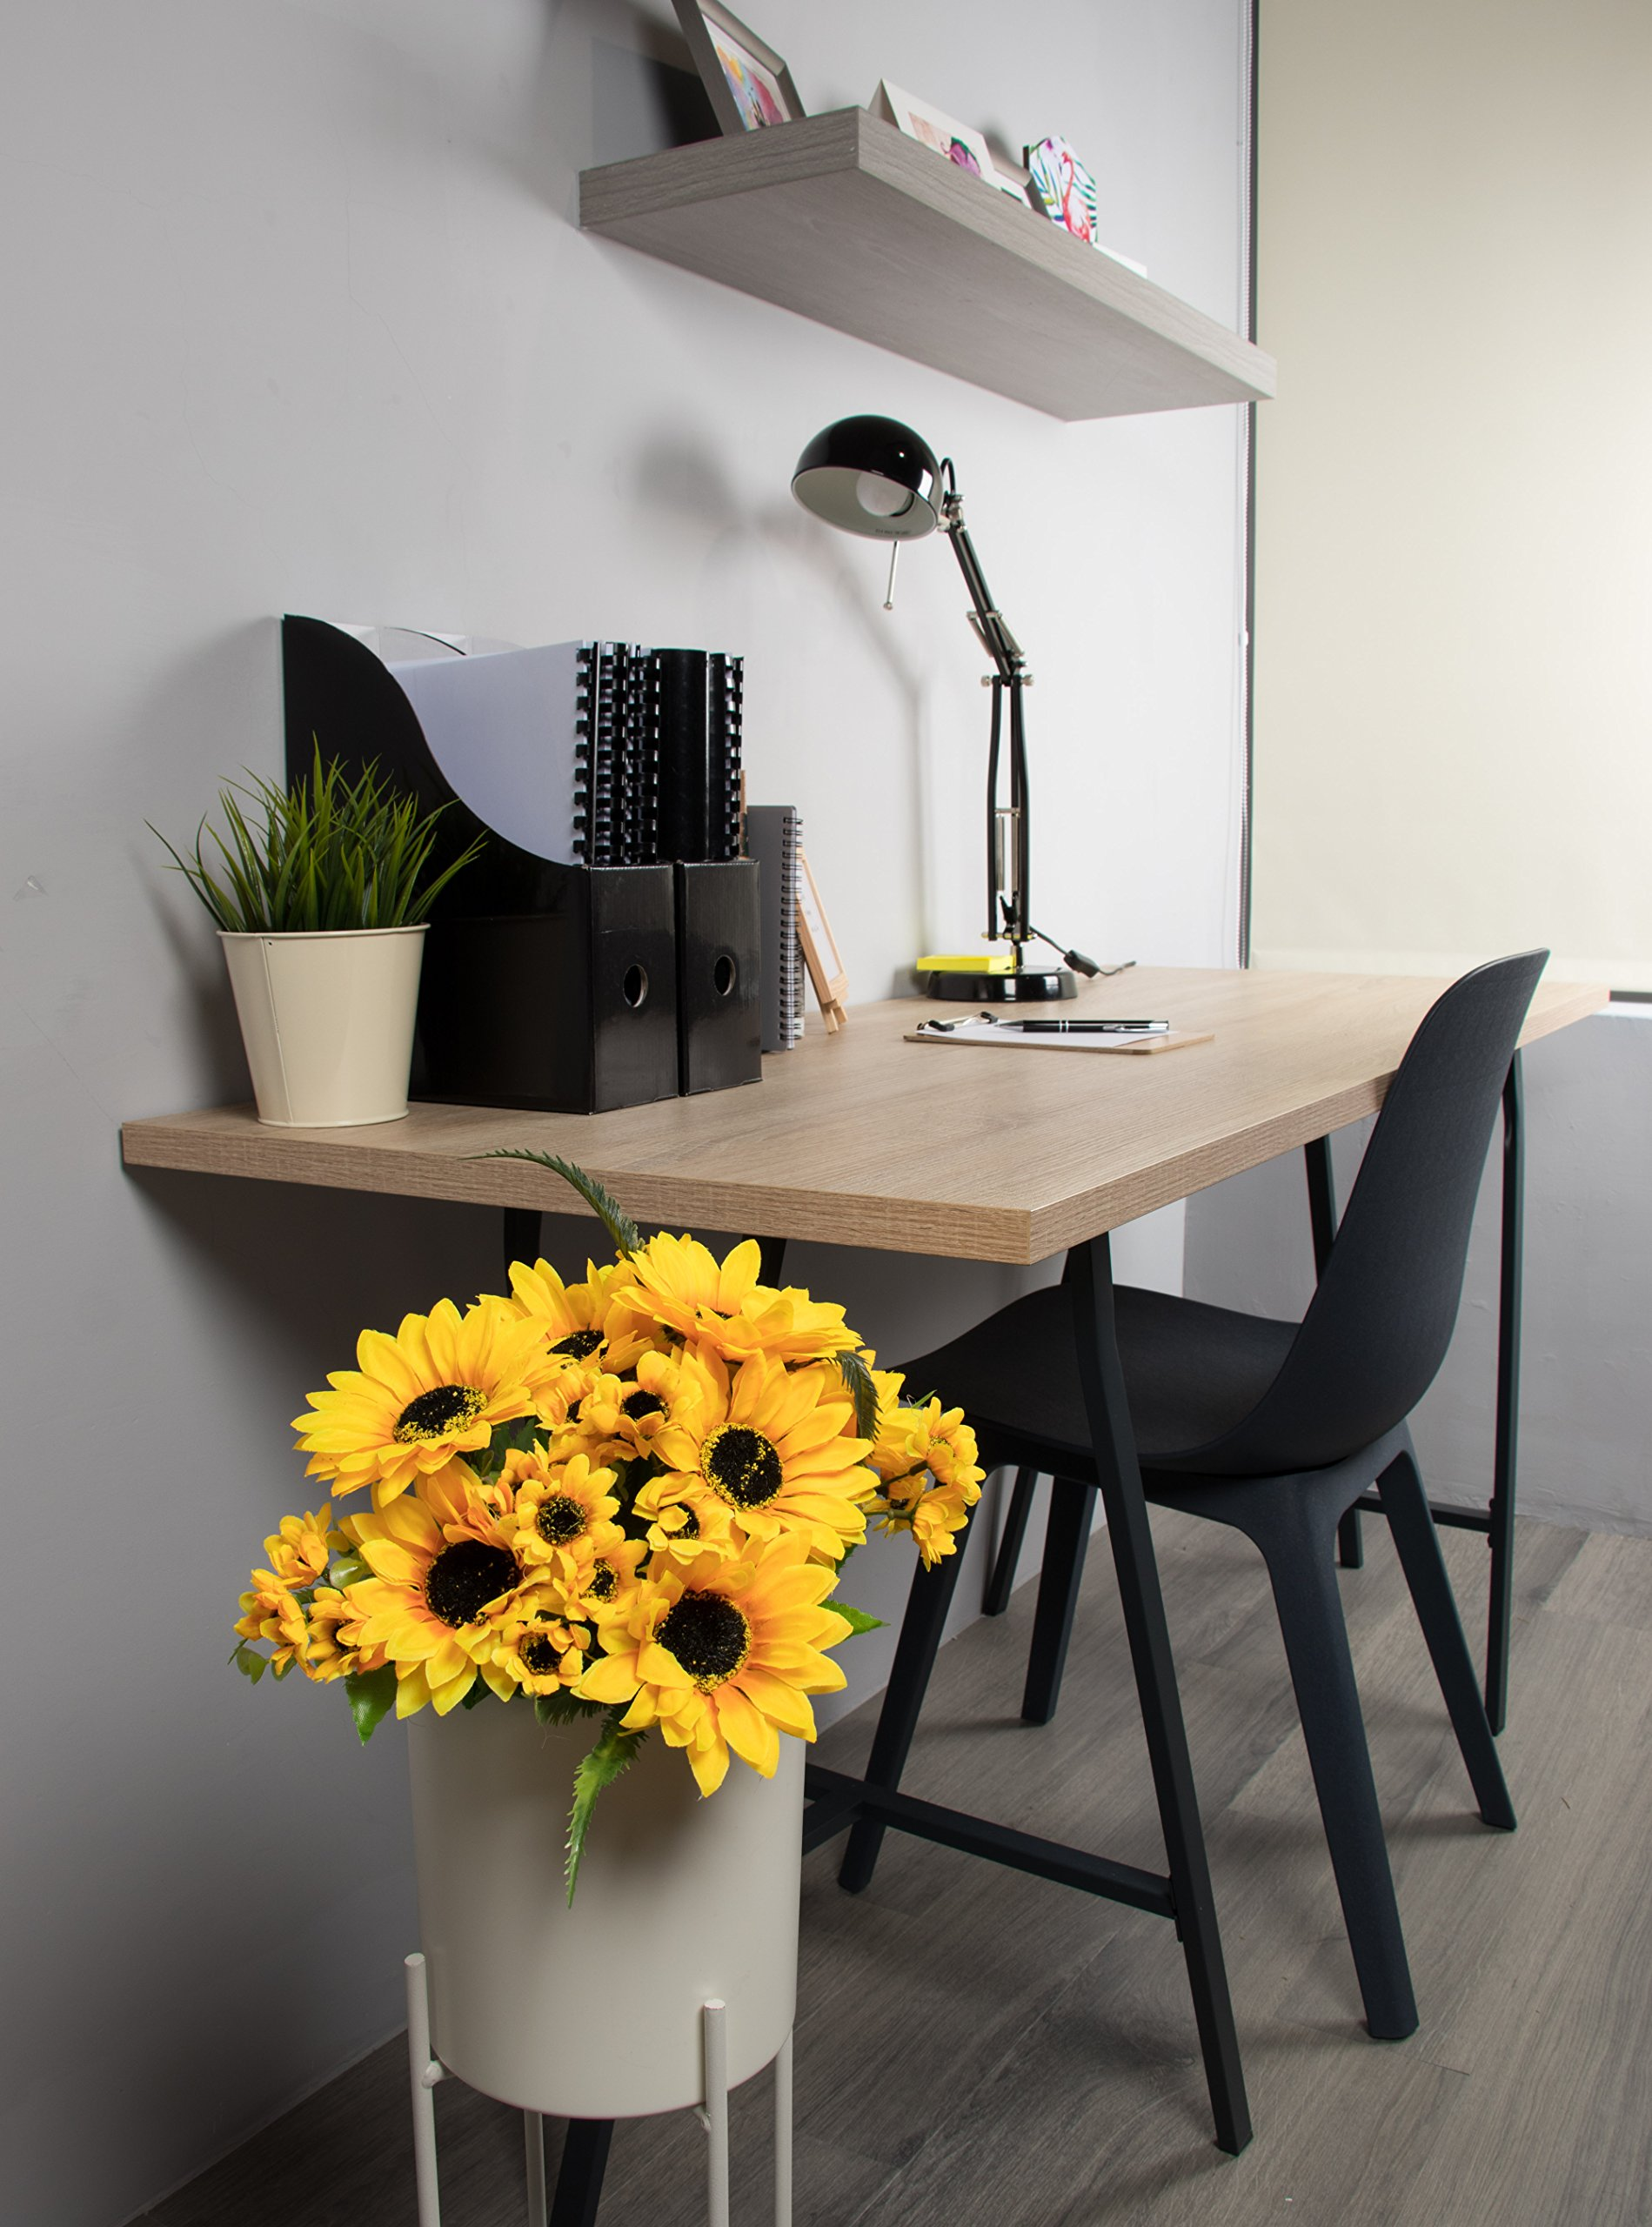 Juvale Ramos de girasol artificiales, flores amarillas falsas para la decoración del hogar (2 ramos)